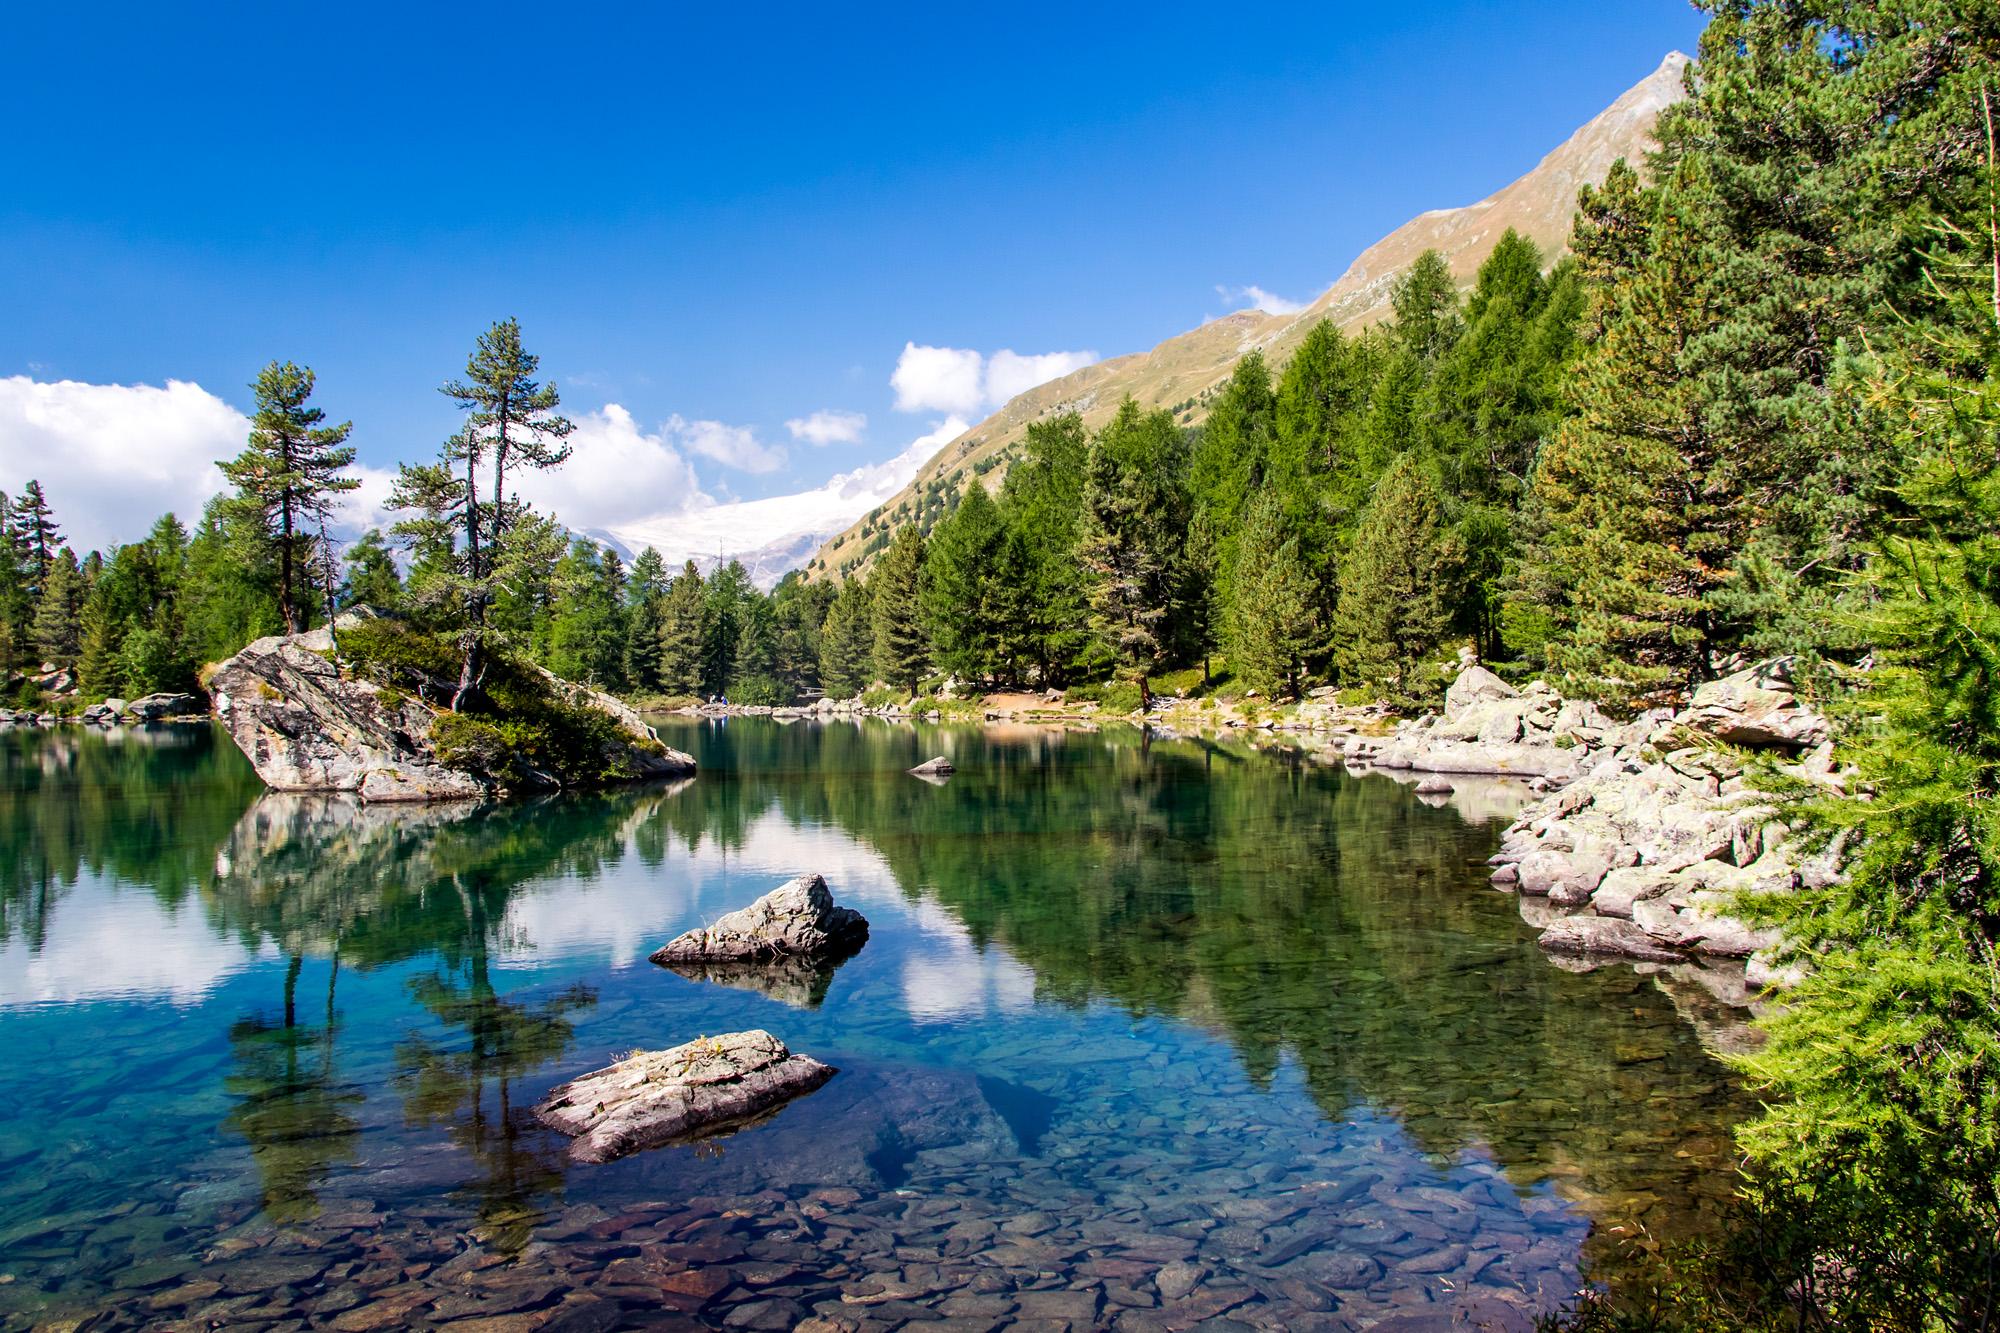 Ziel der Wanderung: Der Lagh Saoseo, weitherum bekannt für sein tiefes Türkisblau!